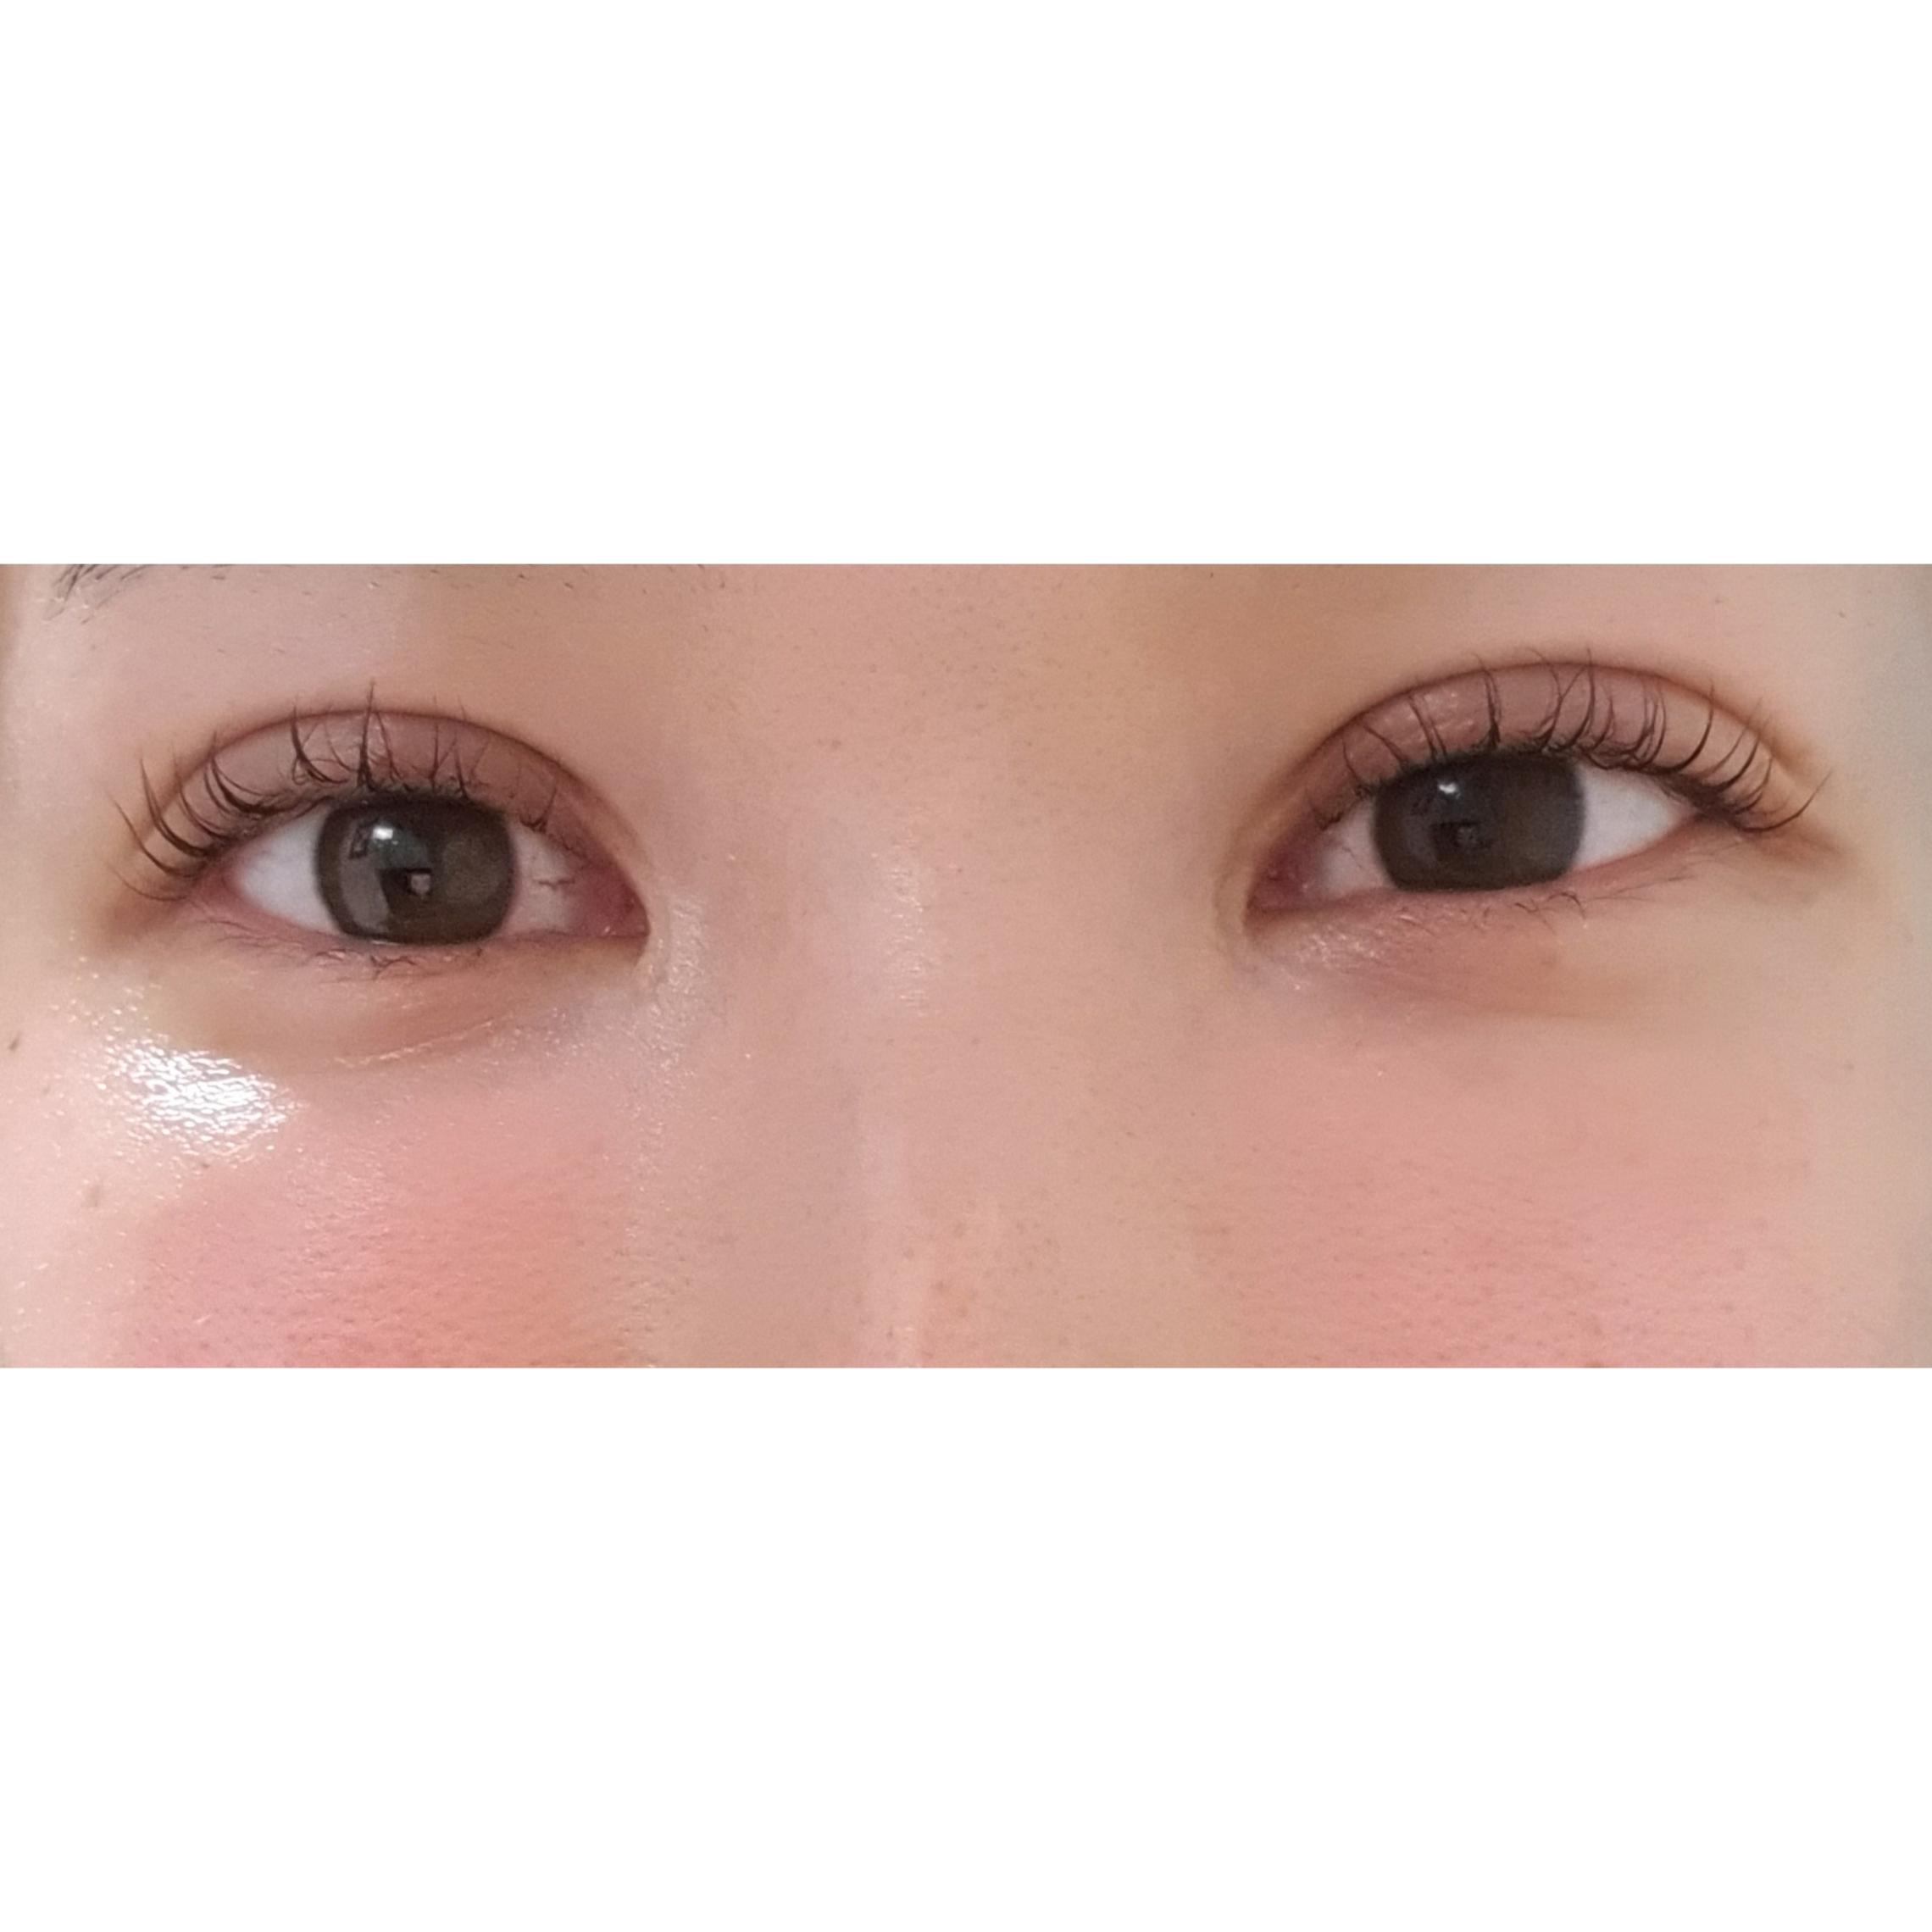 目元の整形、目のクマ治療 (リジュランi) 施術後